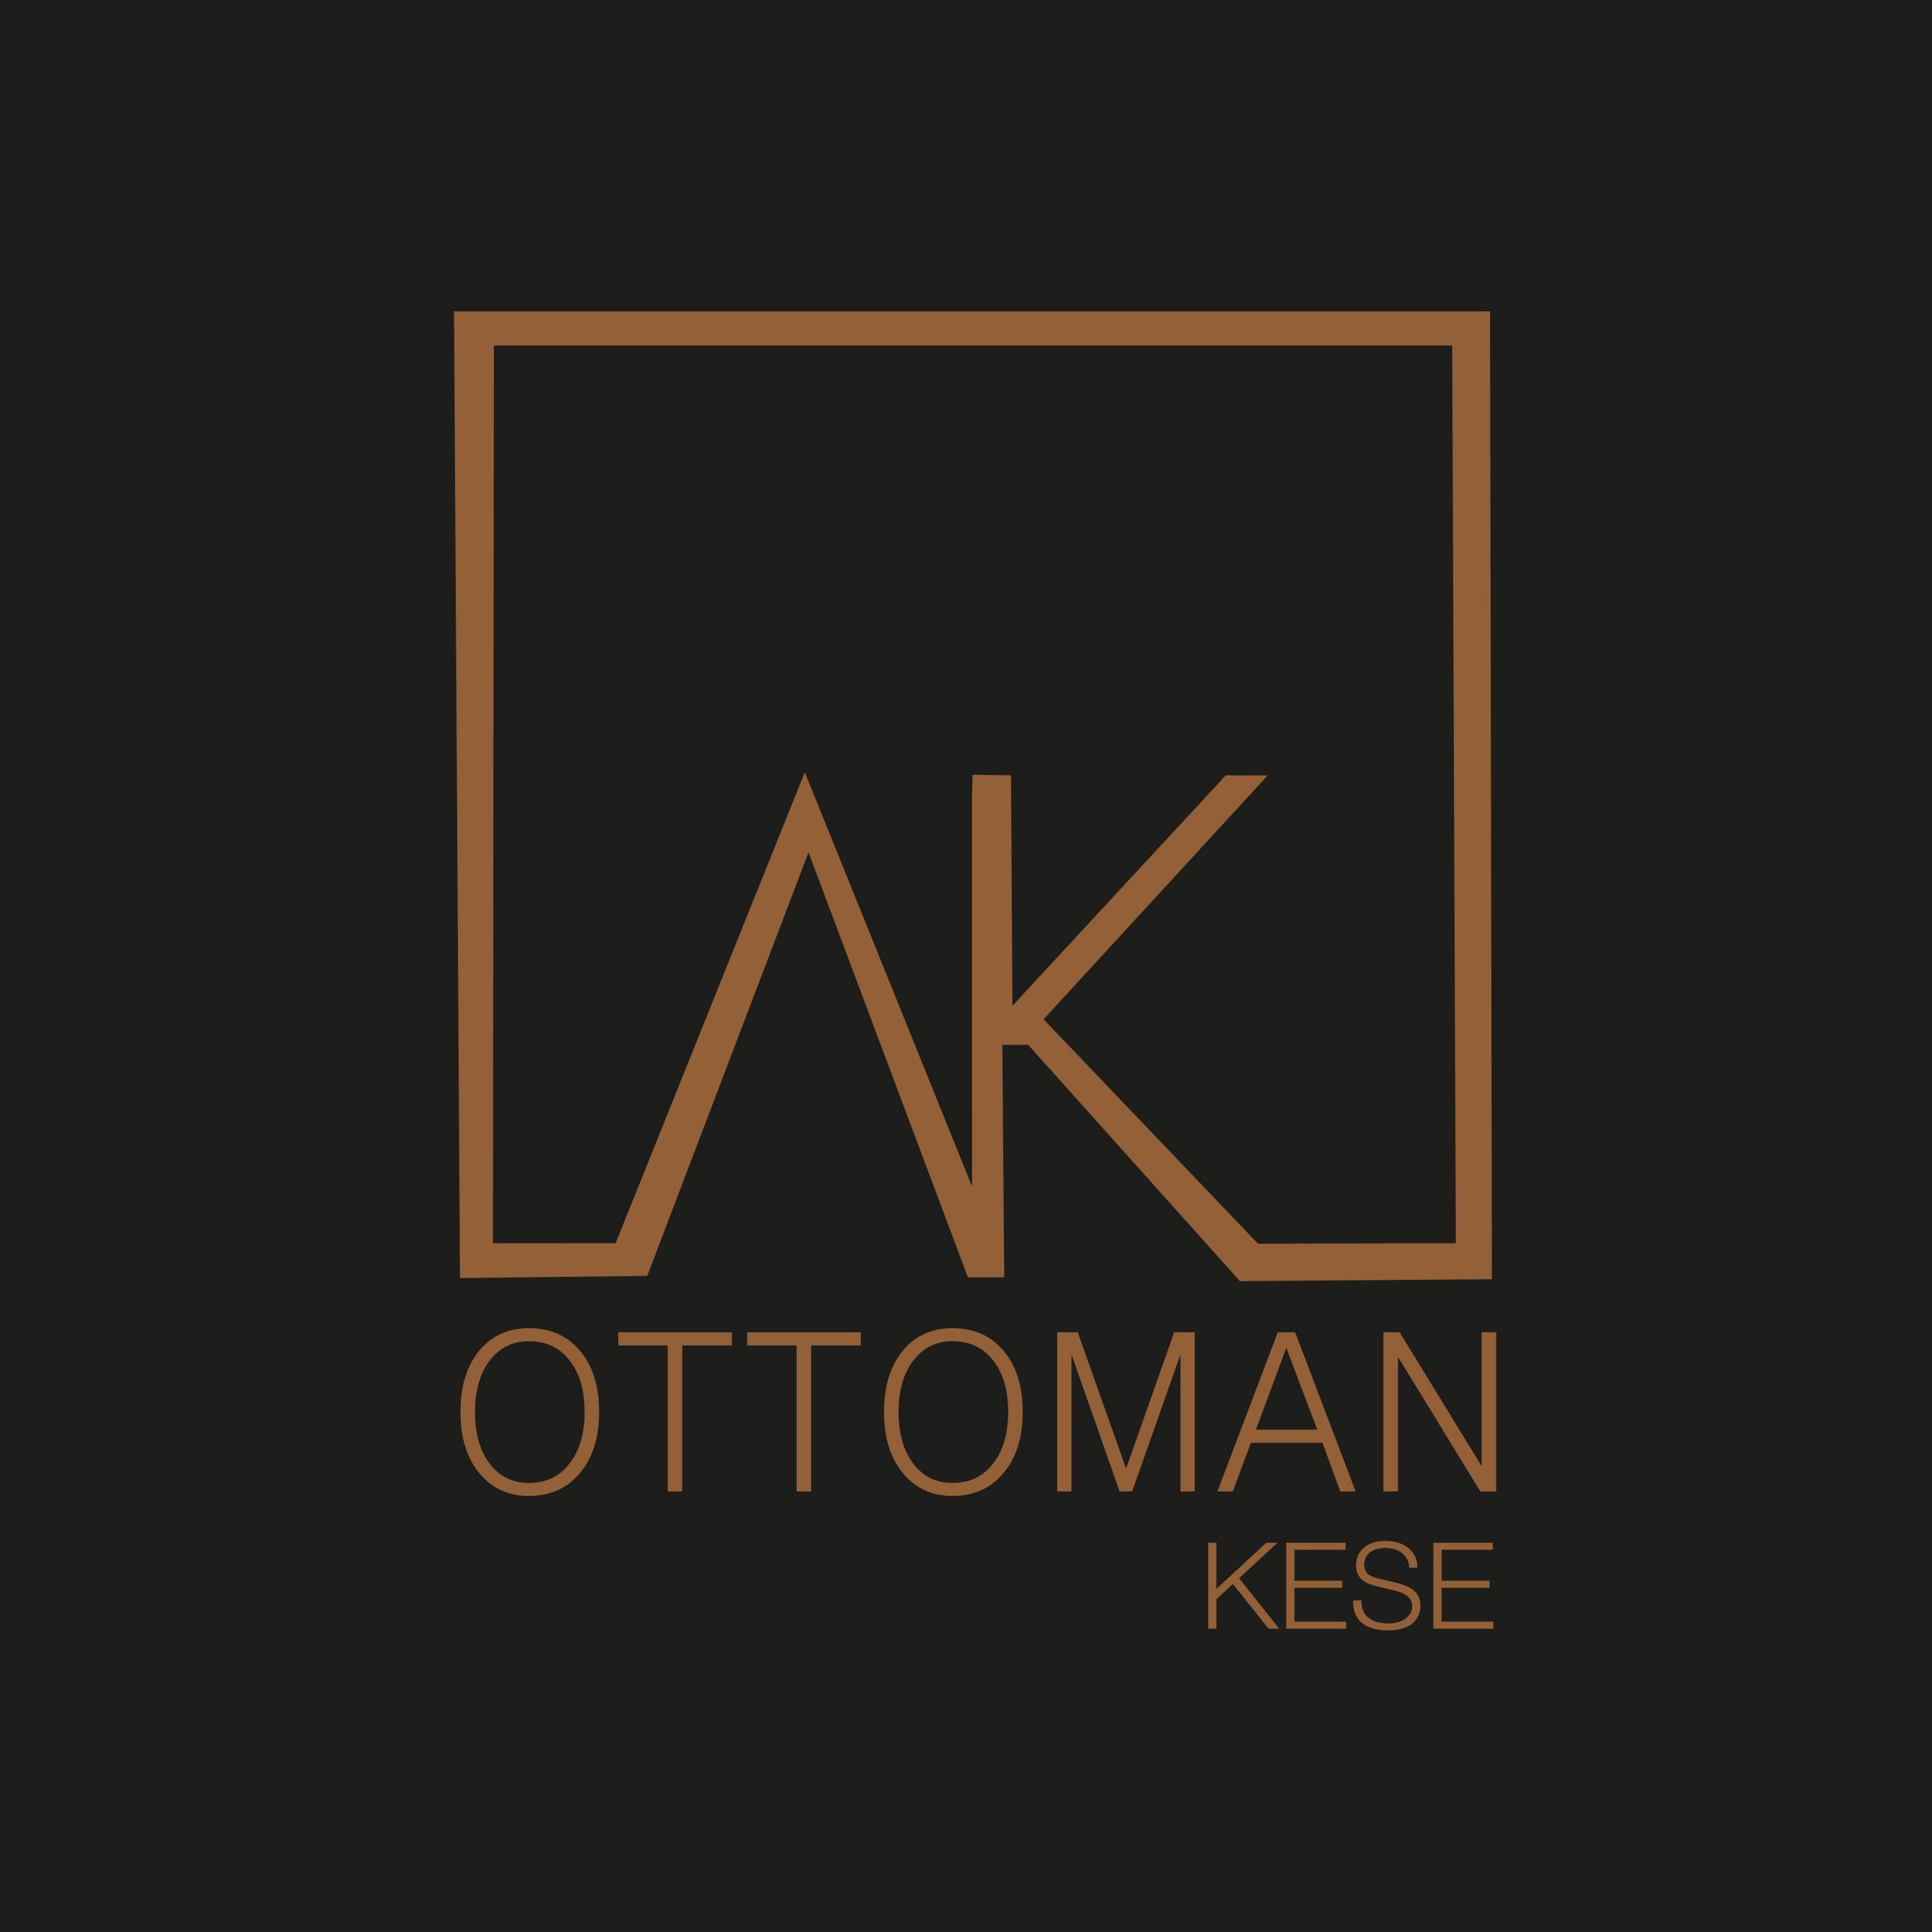 OTTOMAN KESE